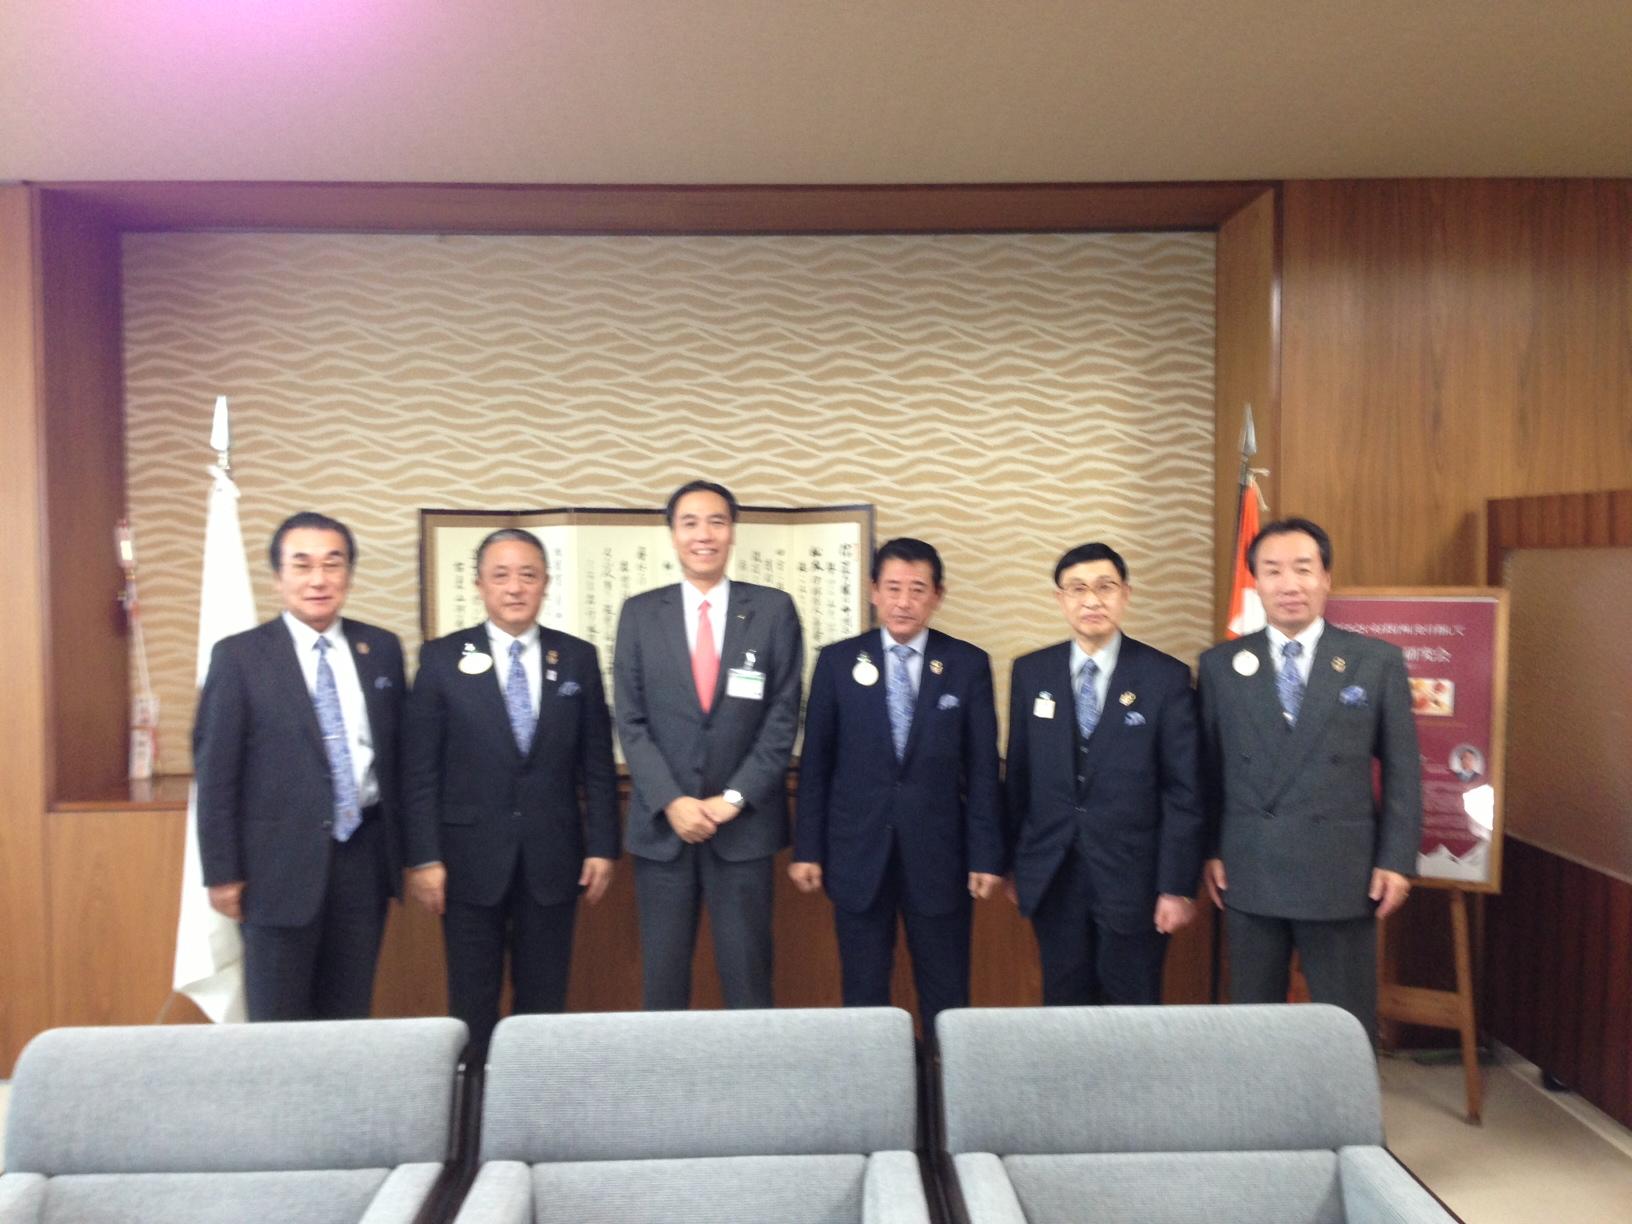 長野県知事表敬訪問